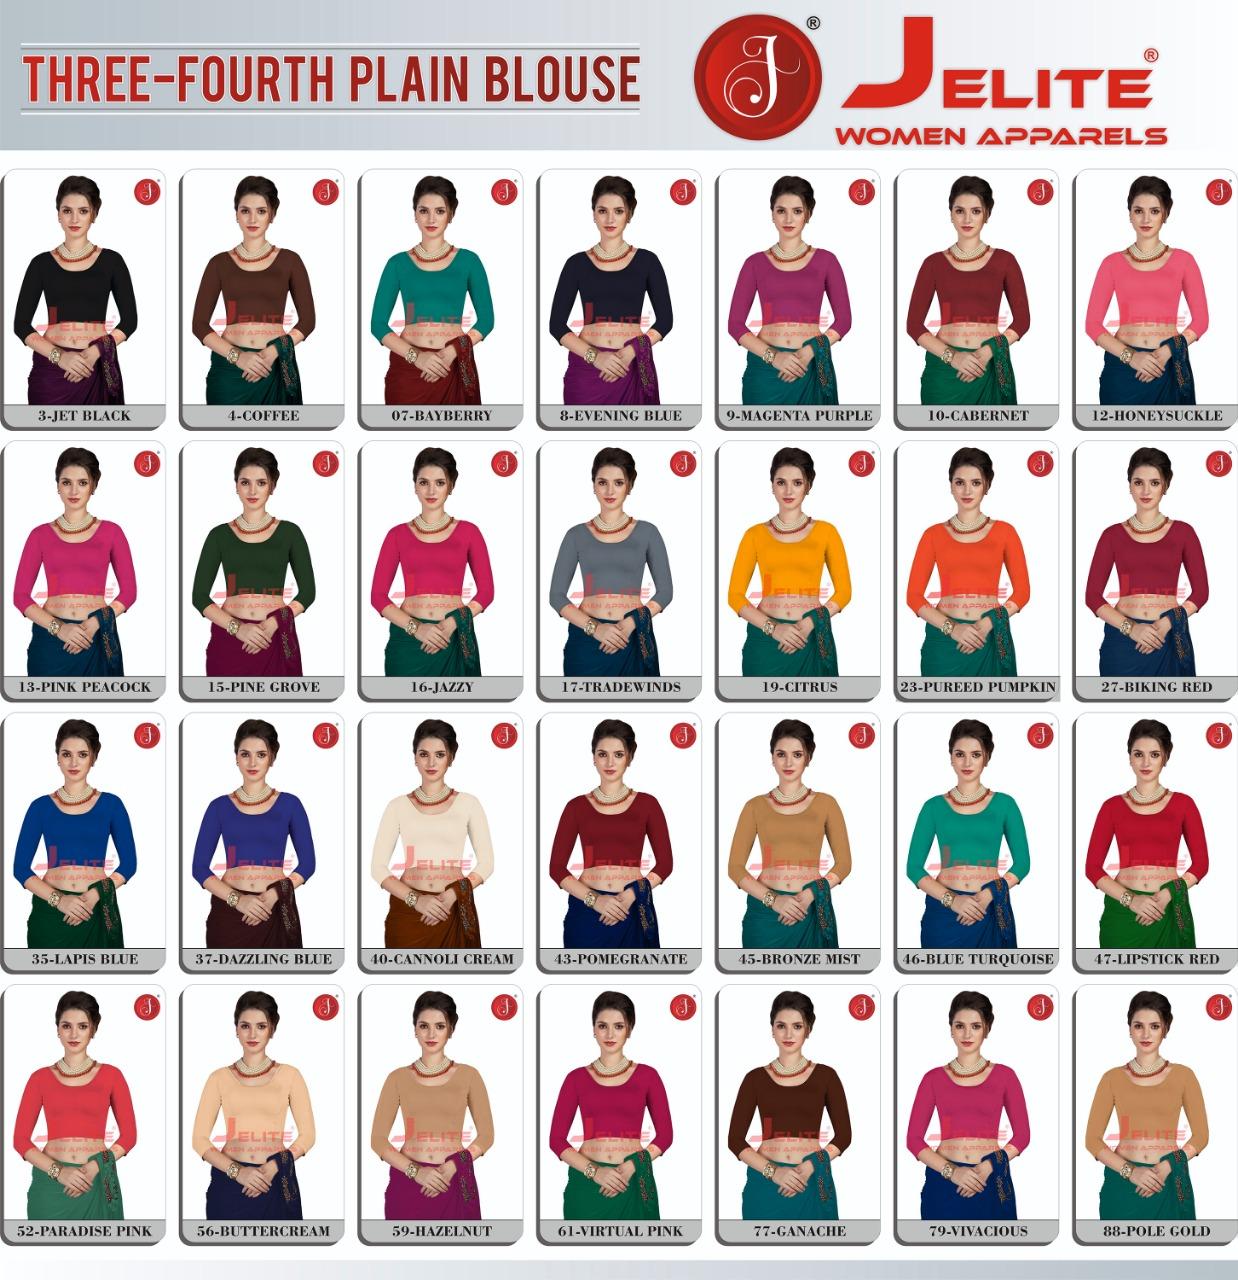 Jelite Blouse Vol 2 Wholesale Catalog 8 Pcs 9 - Jelite Blouse Vol 2 Three Fourth Plain Wholesale Catalog 8 Pcs